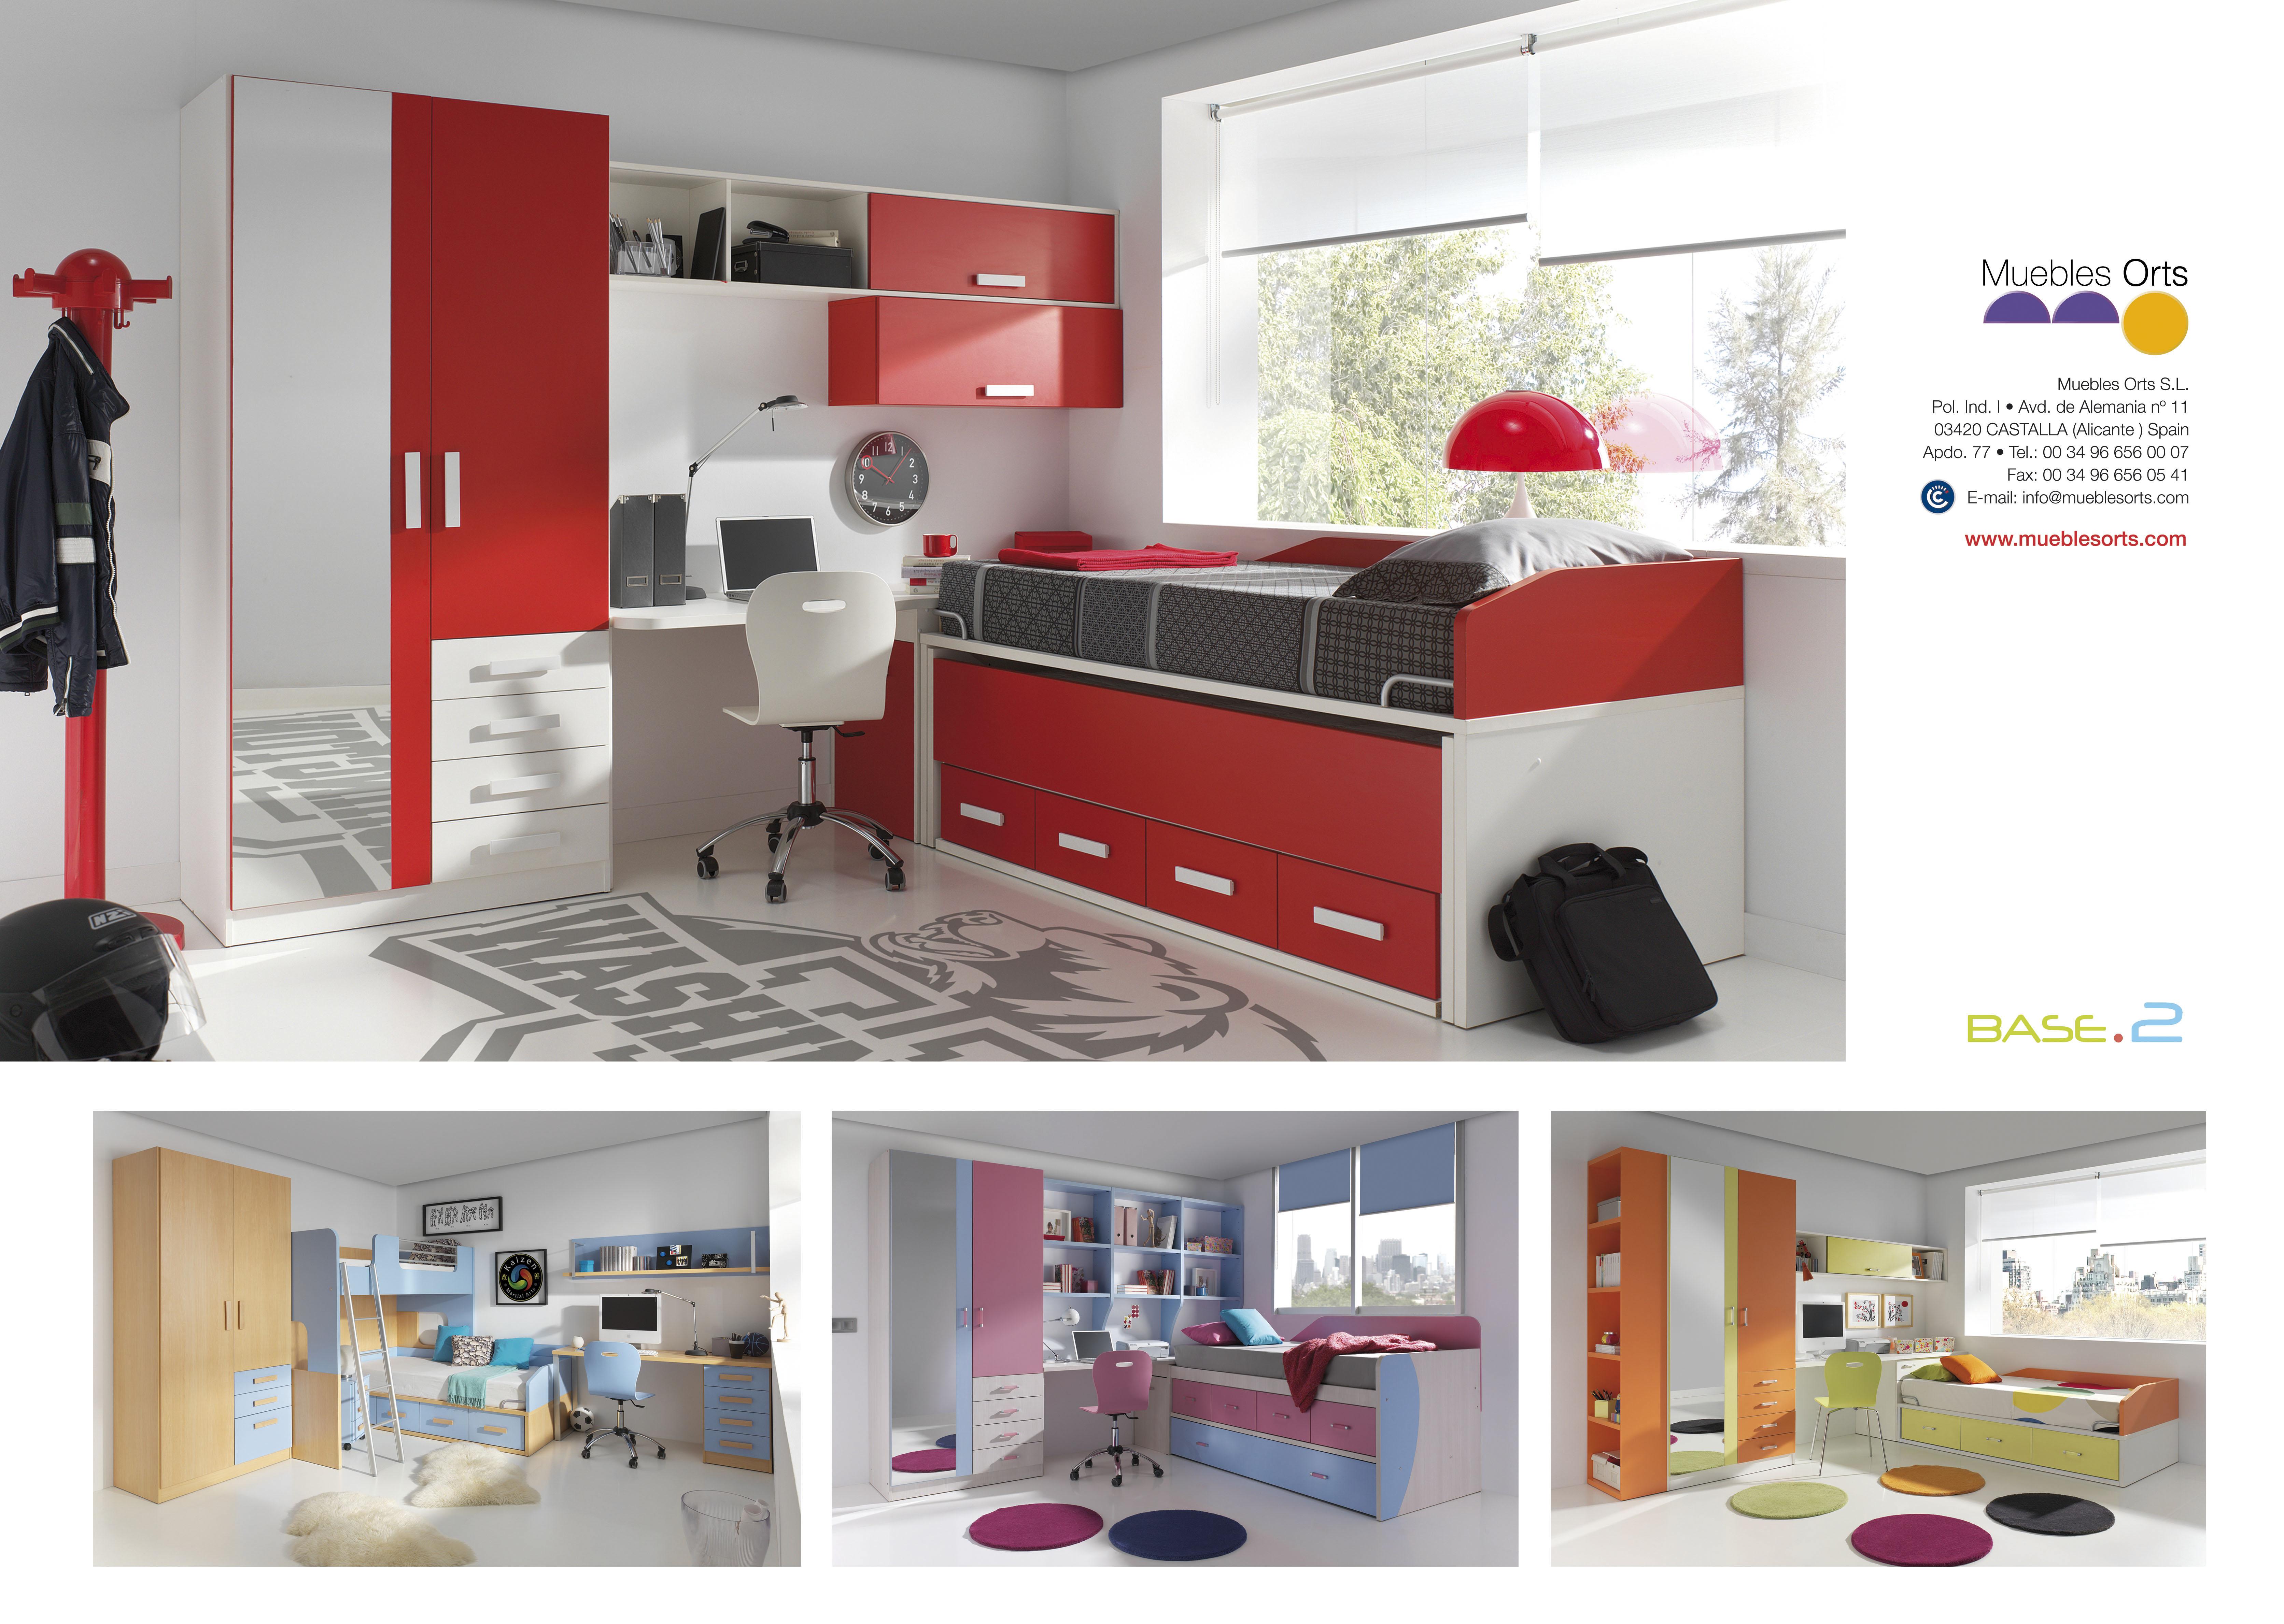 Muebles orts noticias - Dormitorios juveniles el mueble ...